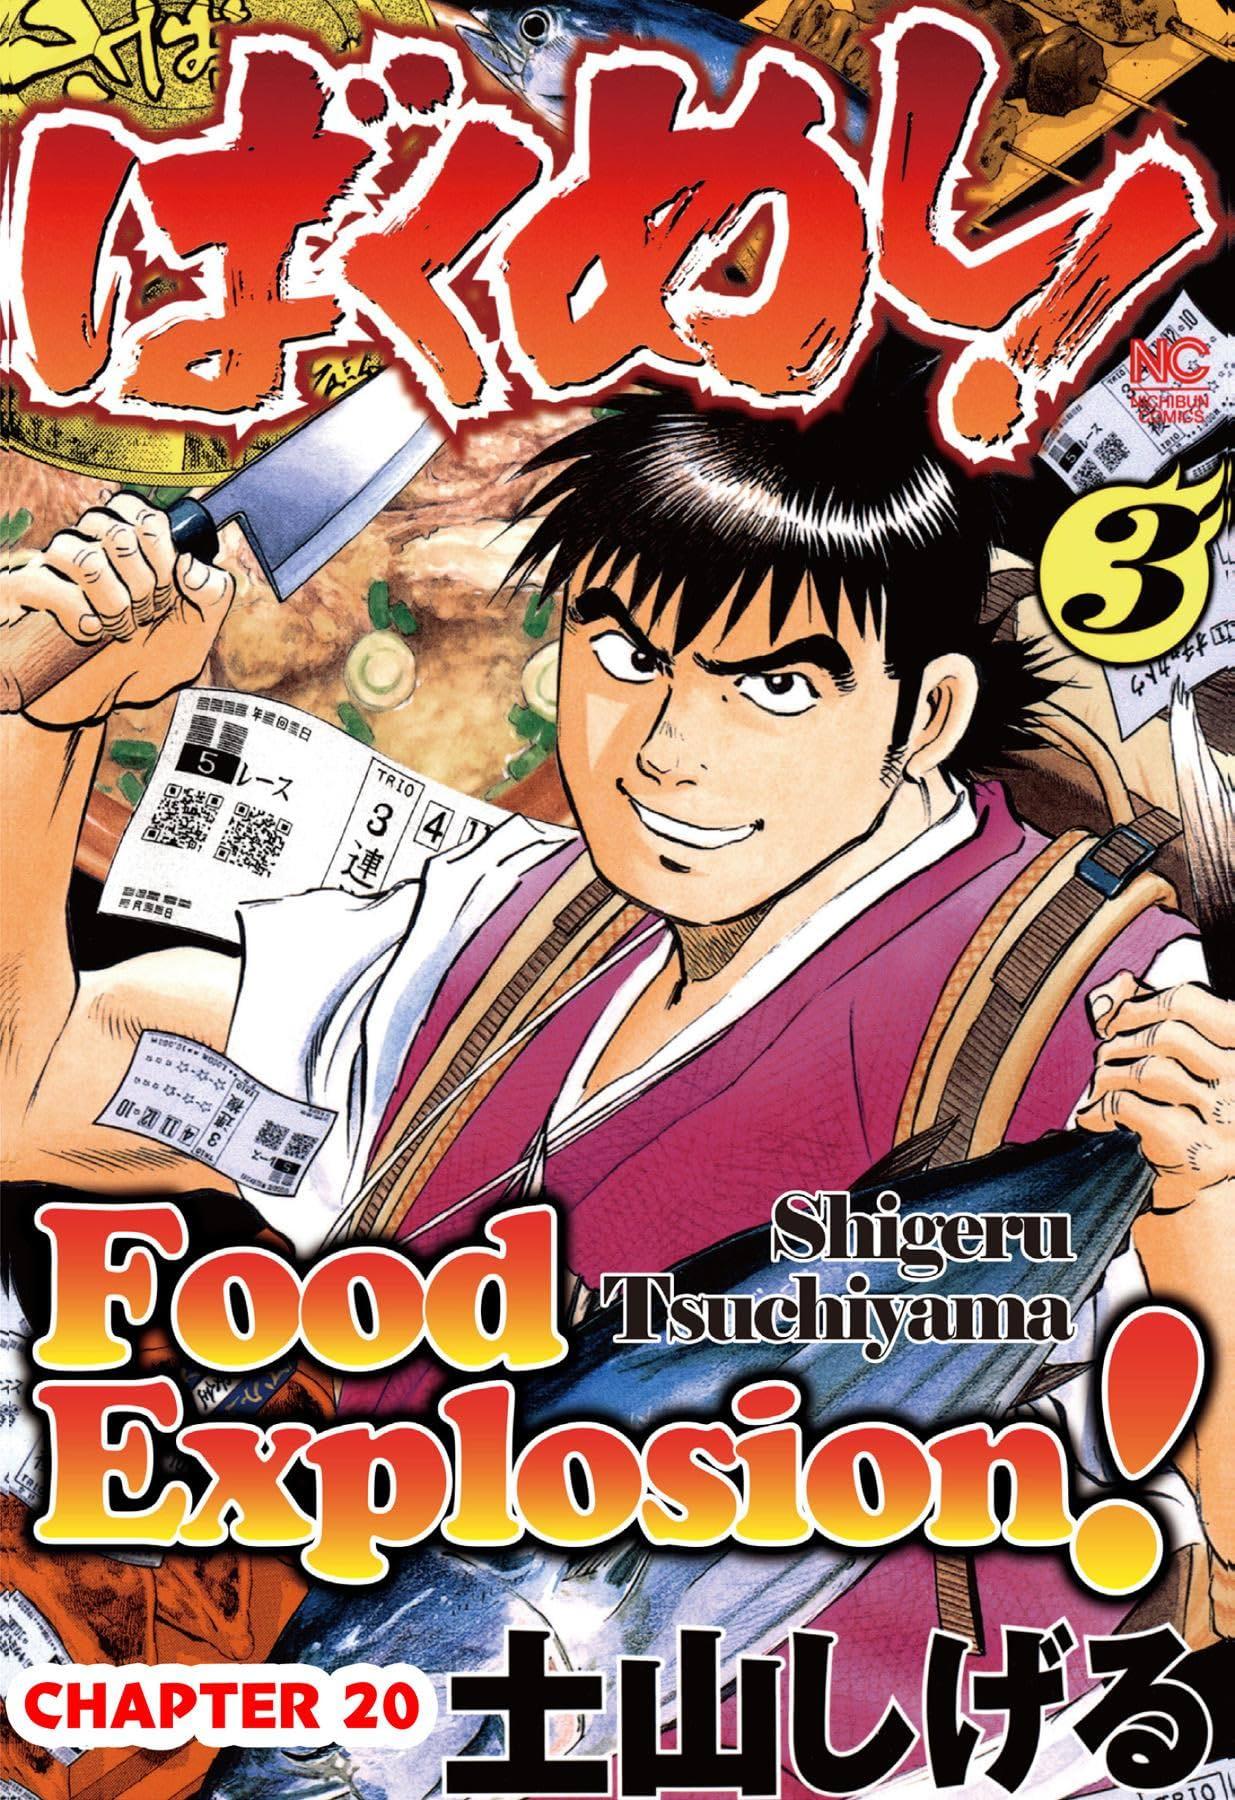 FOOD EXPLOSION #20